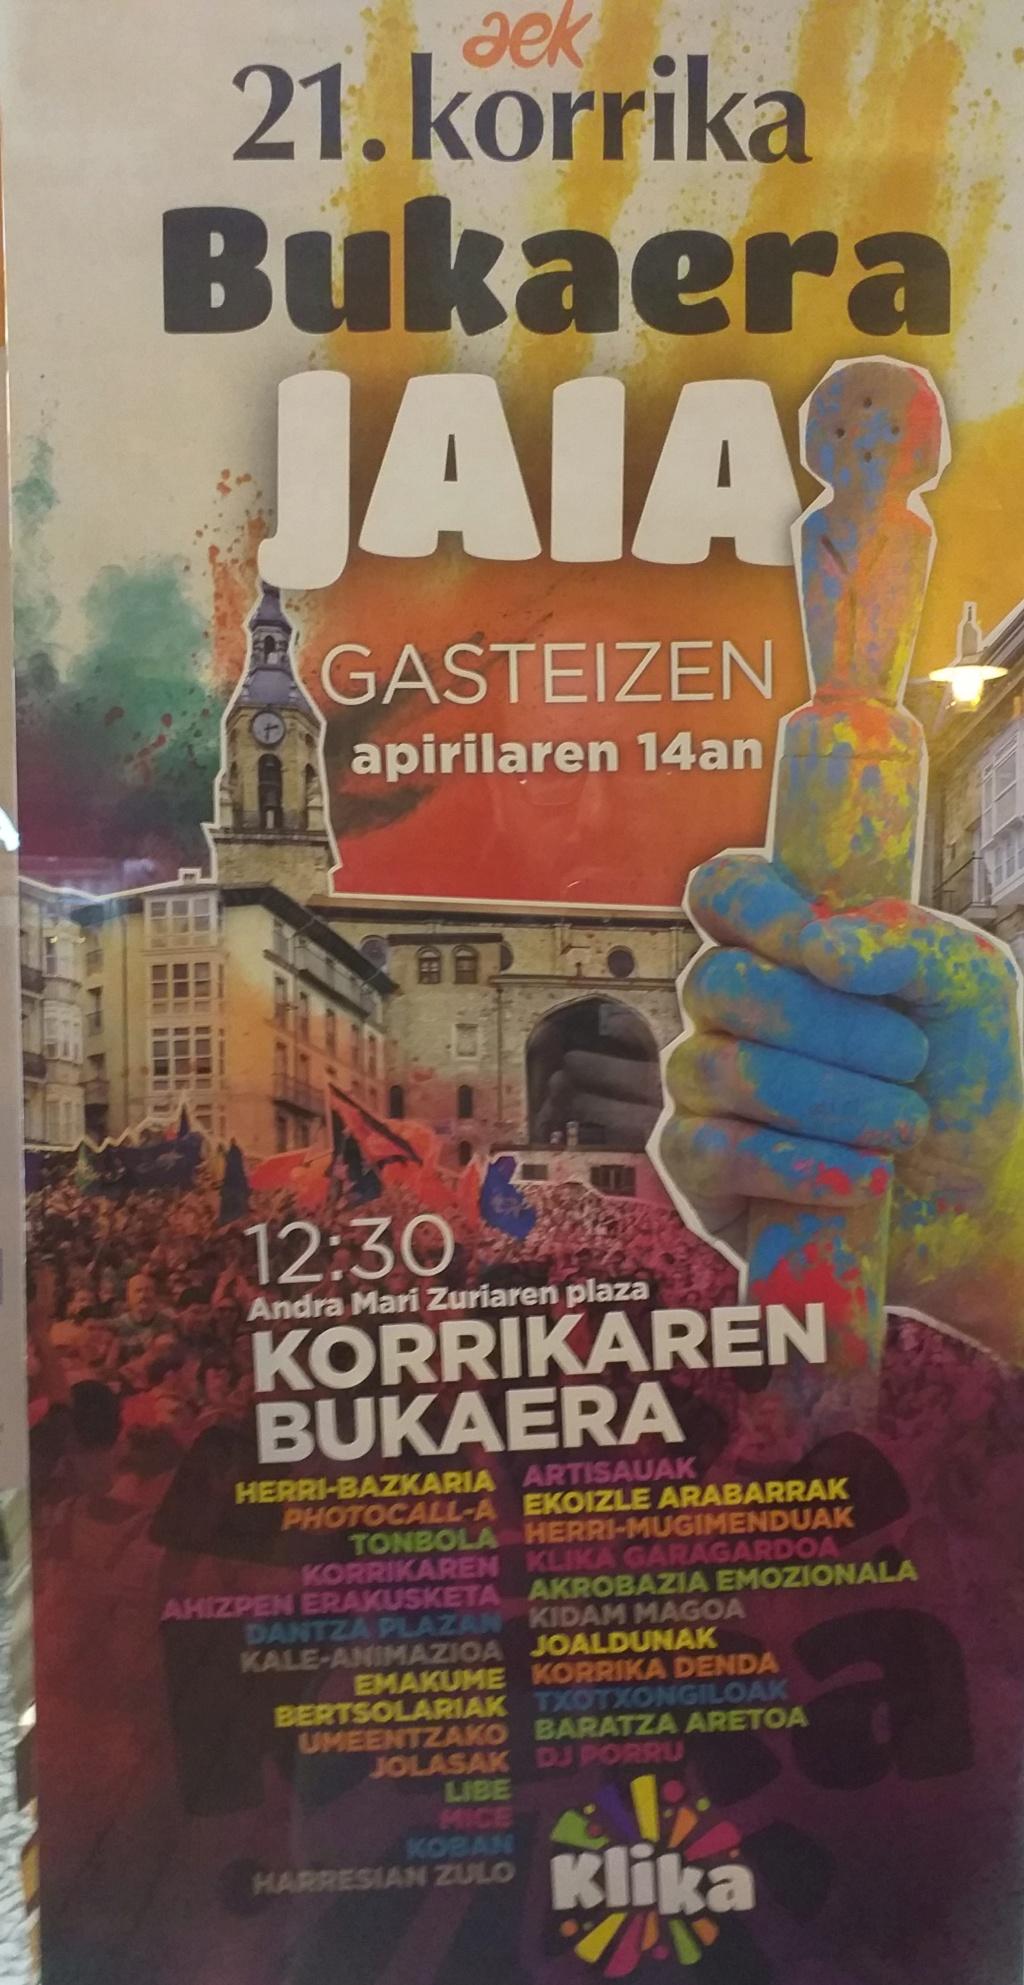 Kontzertuak Gasteizen eta Araban. Conciertos en Vitoria y Alava - Página 6 20190414